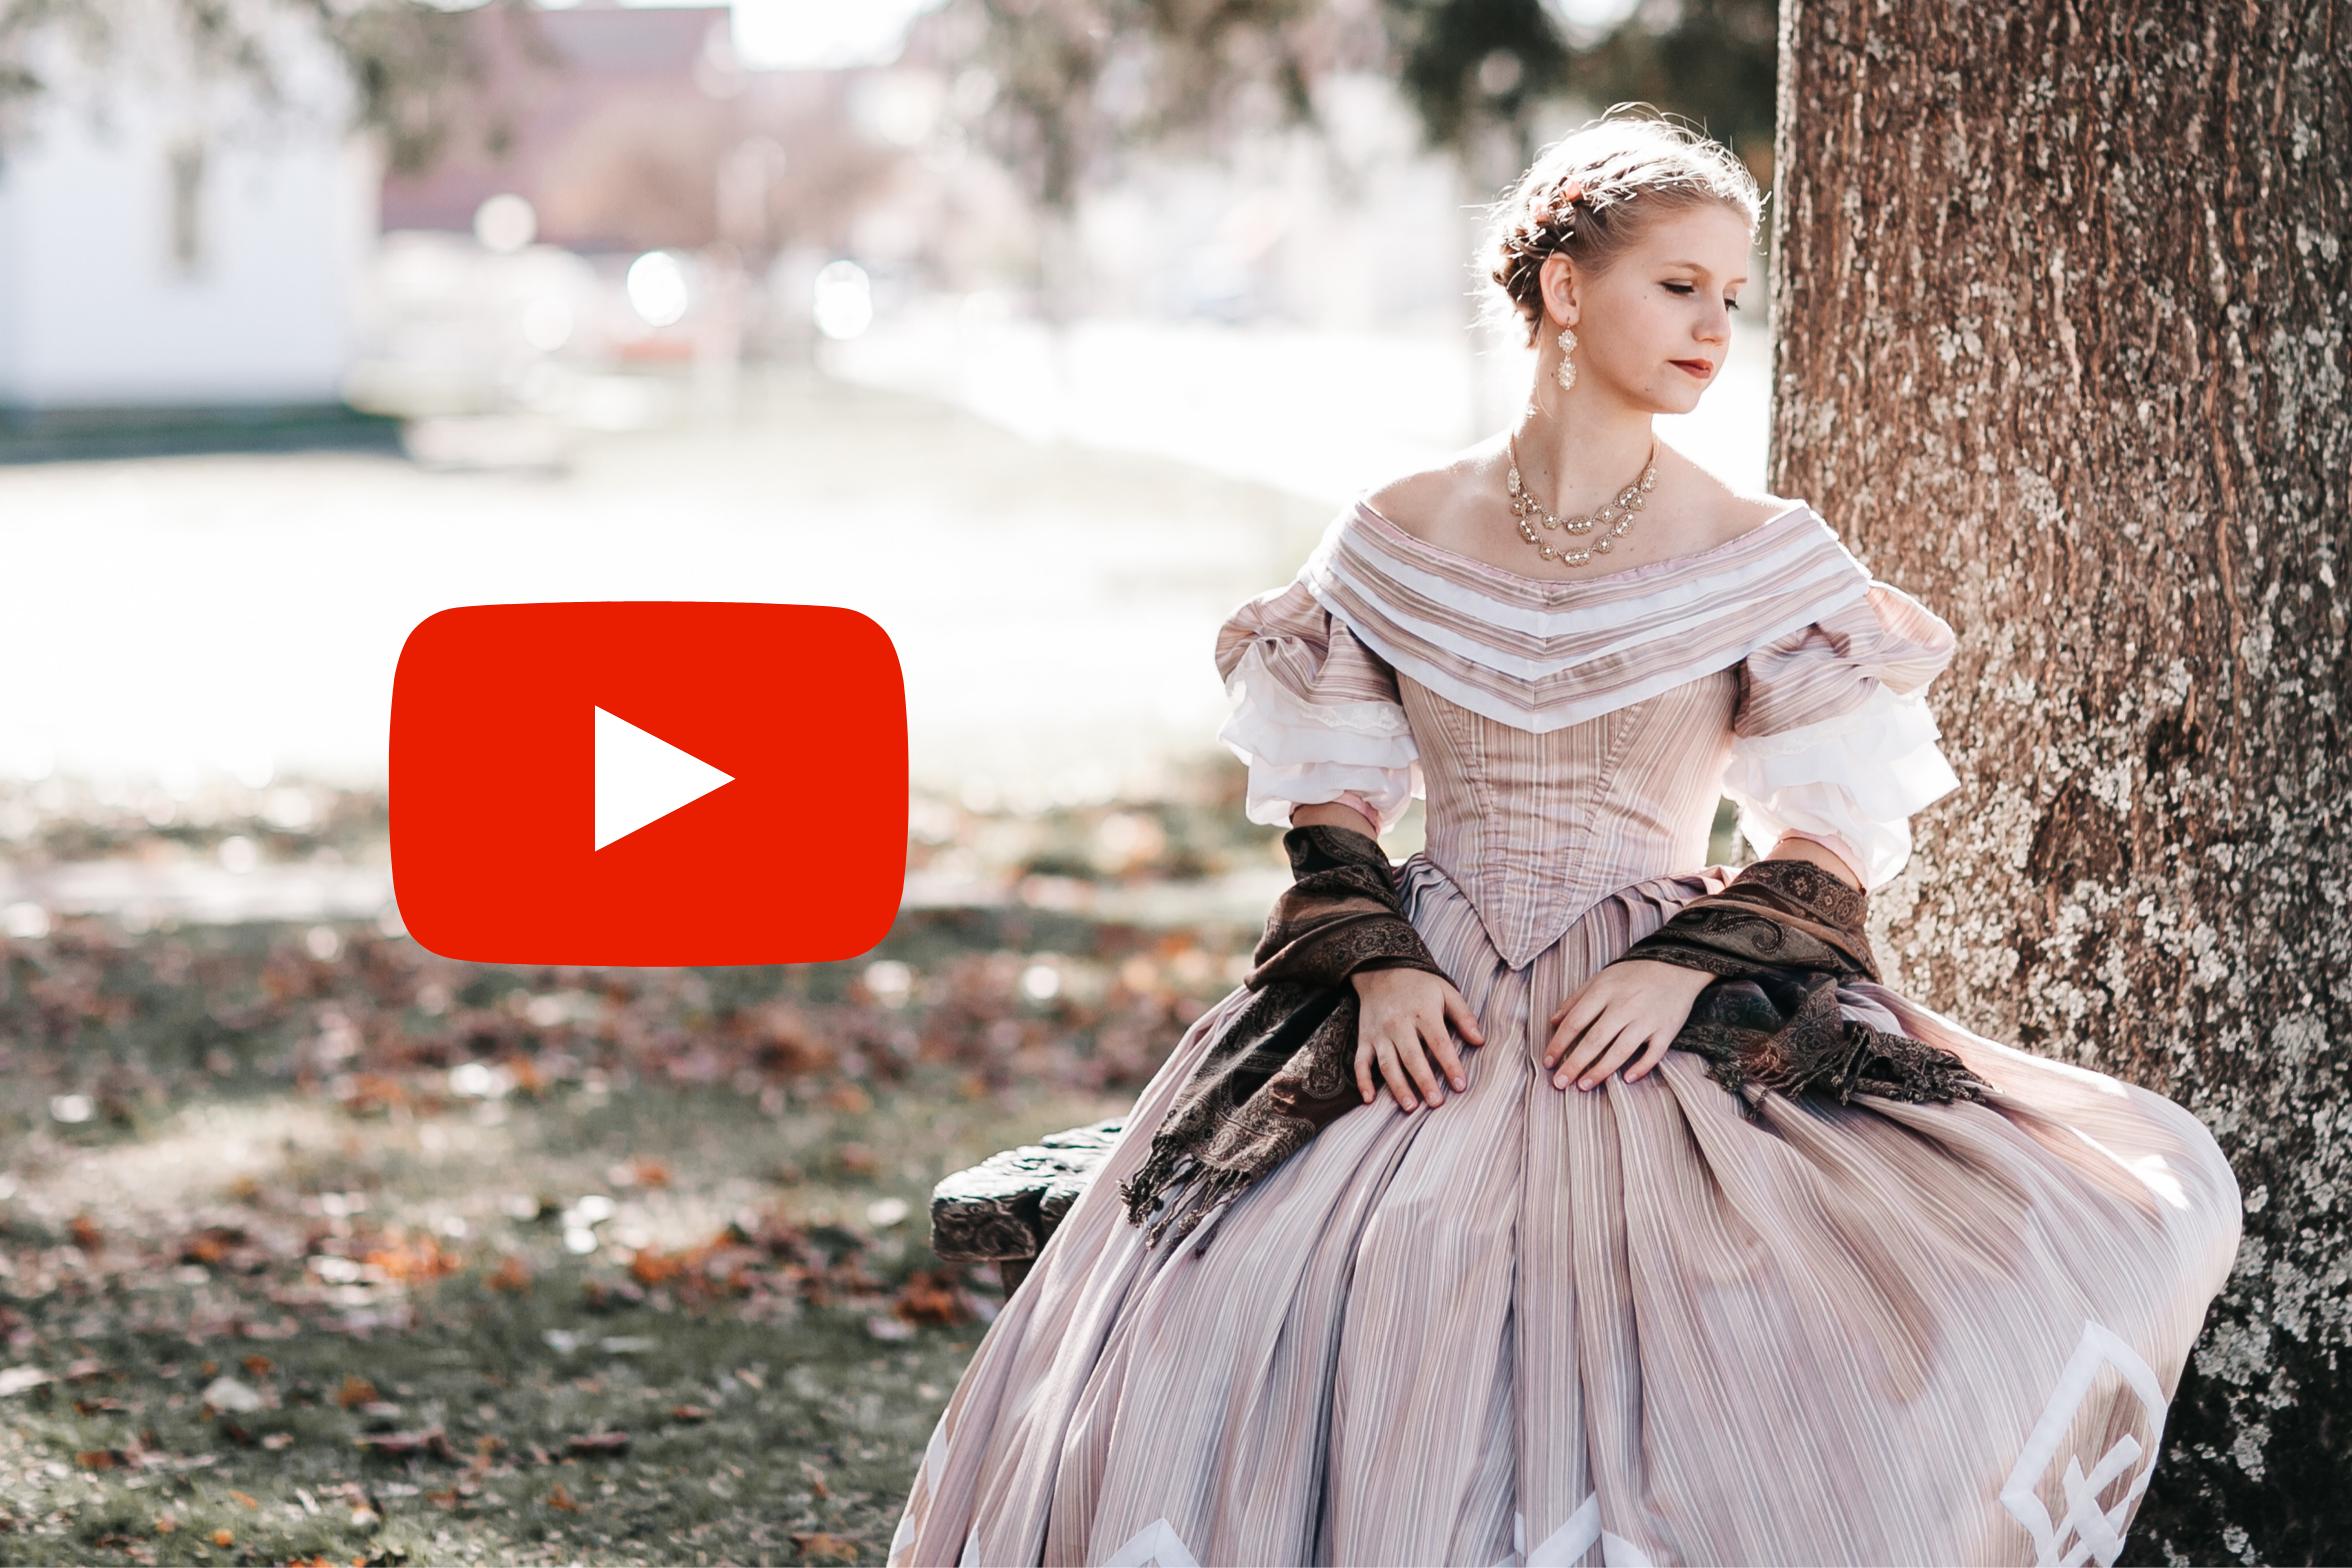 1860's Evening Attire – Civil War Era Ballgown – Video